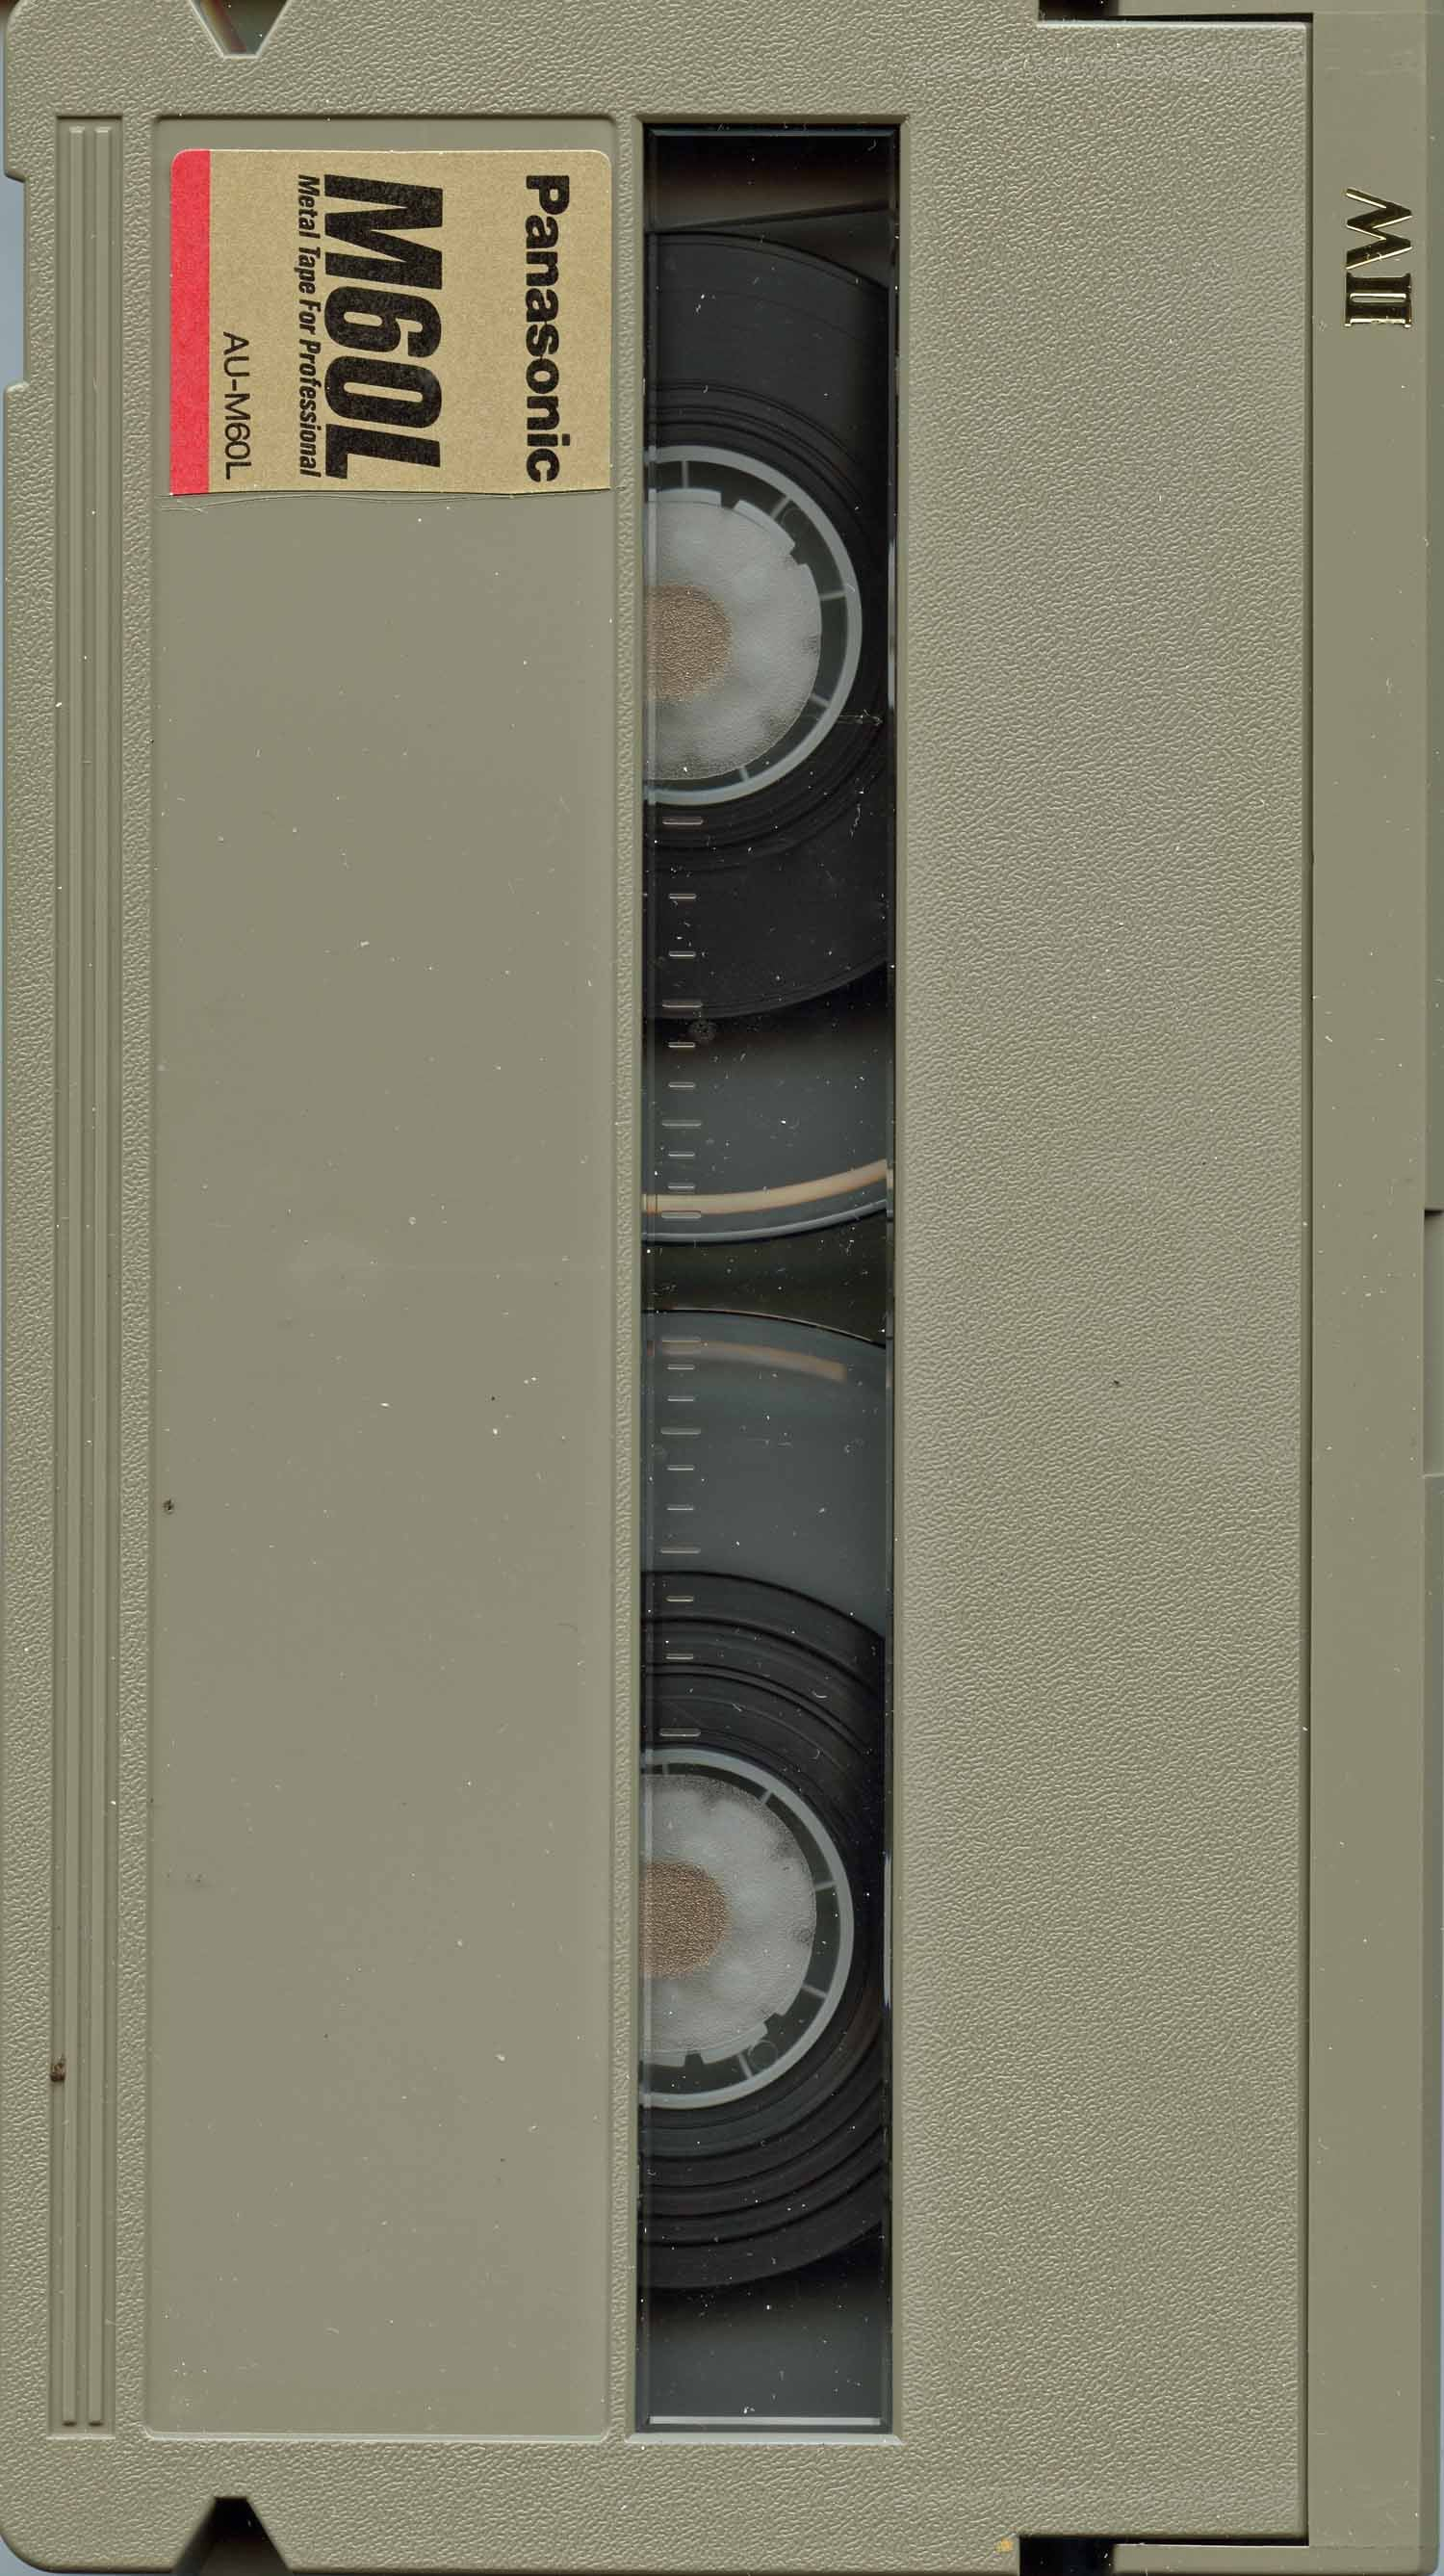 MII Cassette